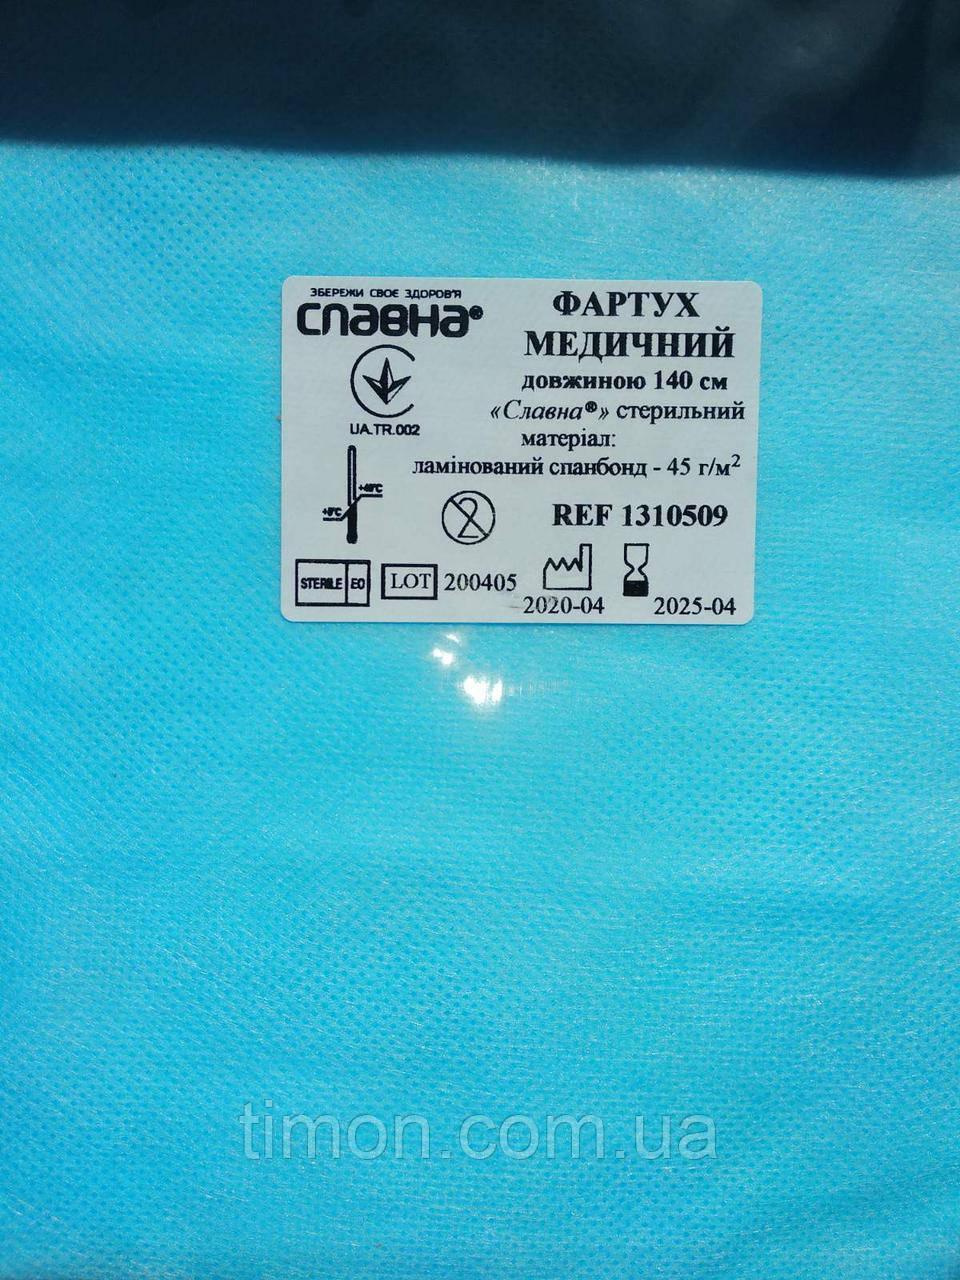 Фартук медицинский длиной 140 см (ламинированный спанбонд — 45 г / м2) стерильный